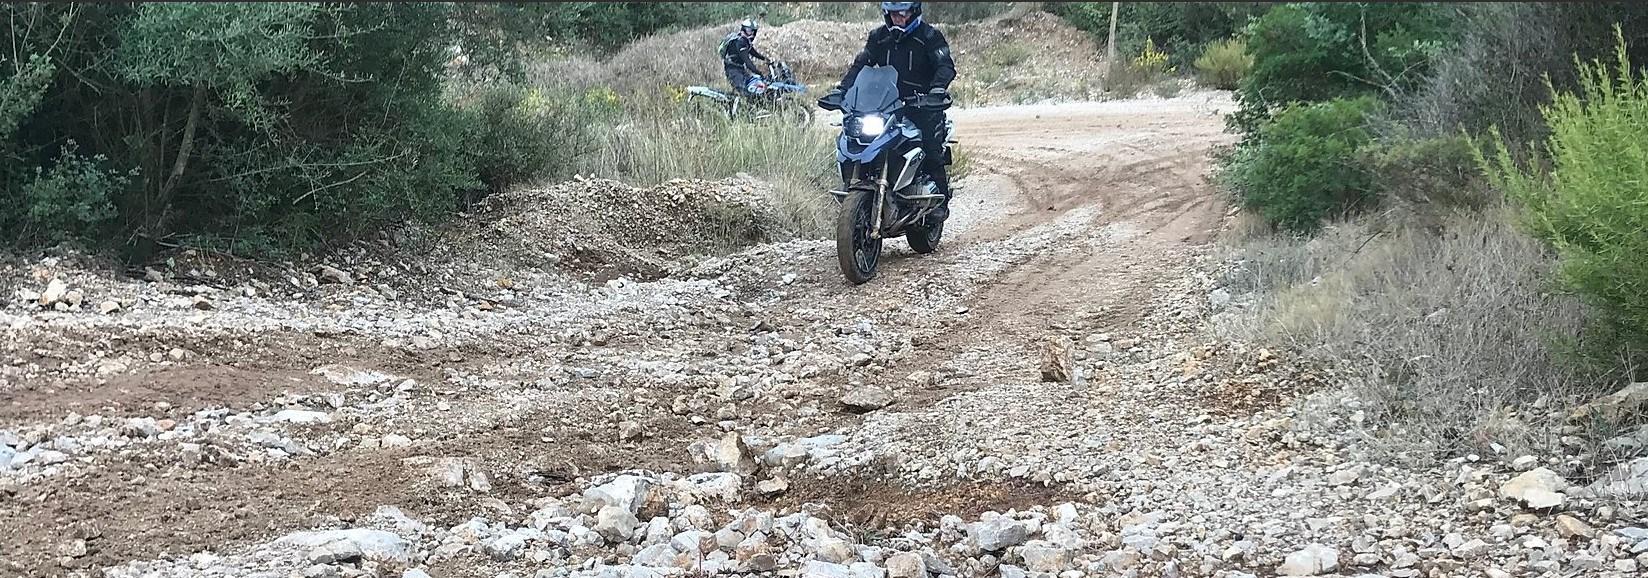 Meeusen Motoren - Doorgedreven Off Road Training